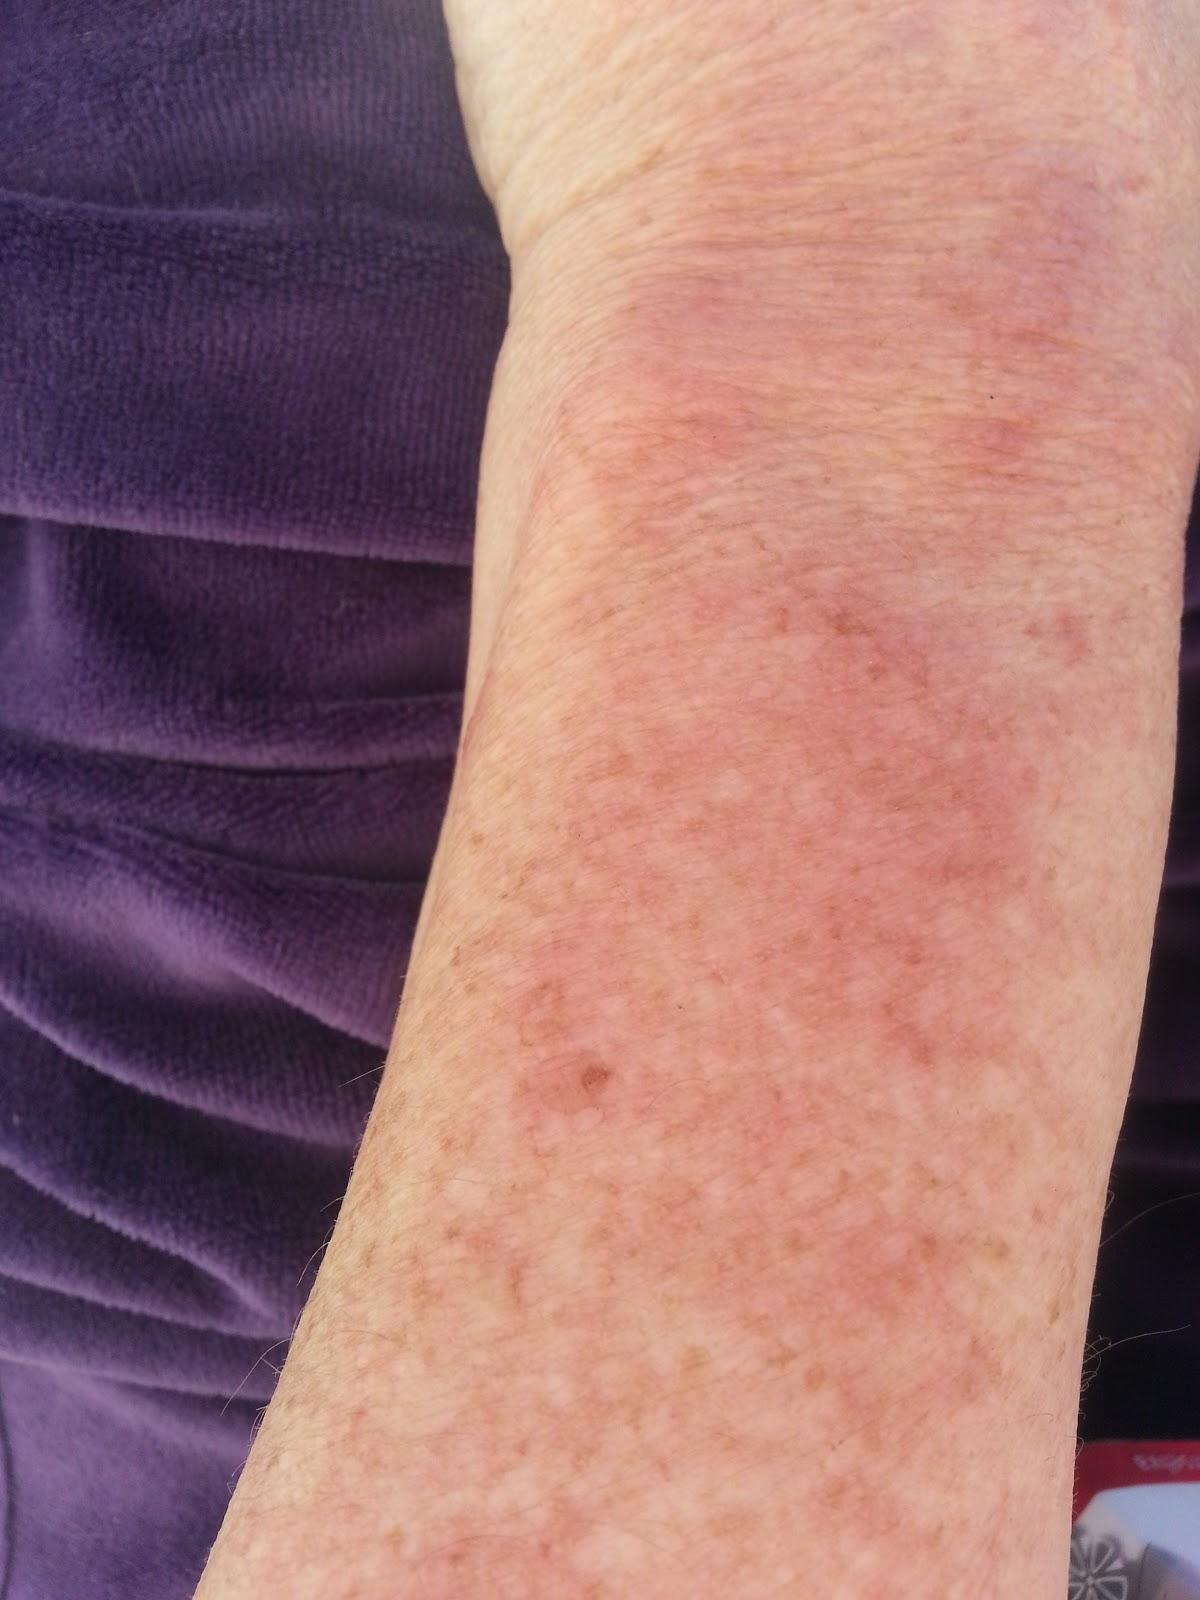 Hudhelse og ungdom: Utslett på armene som klør